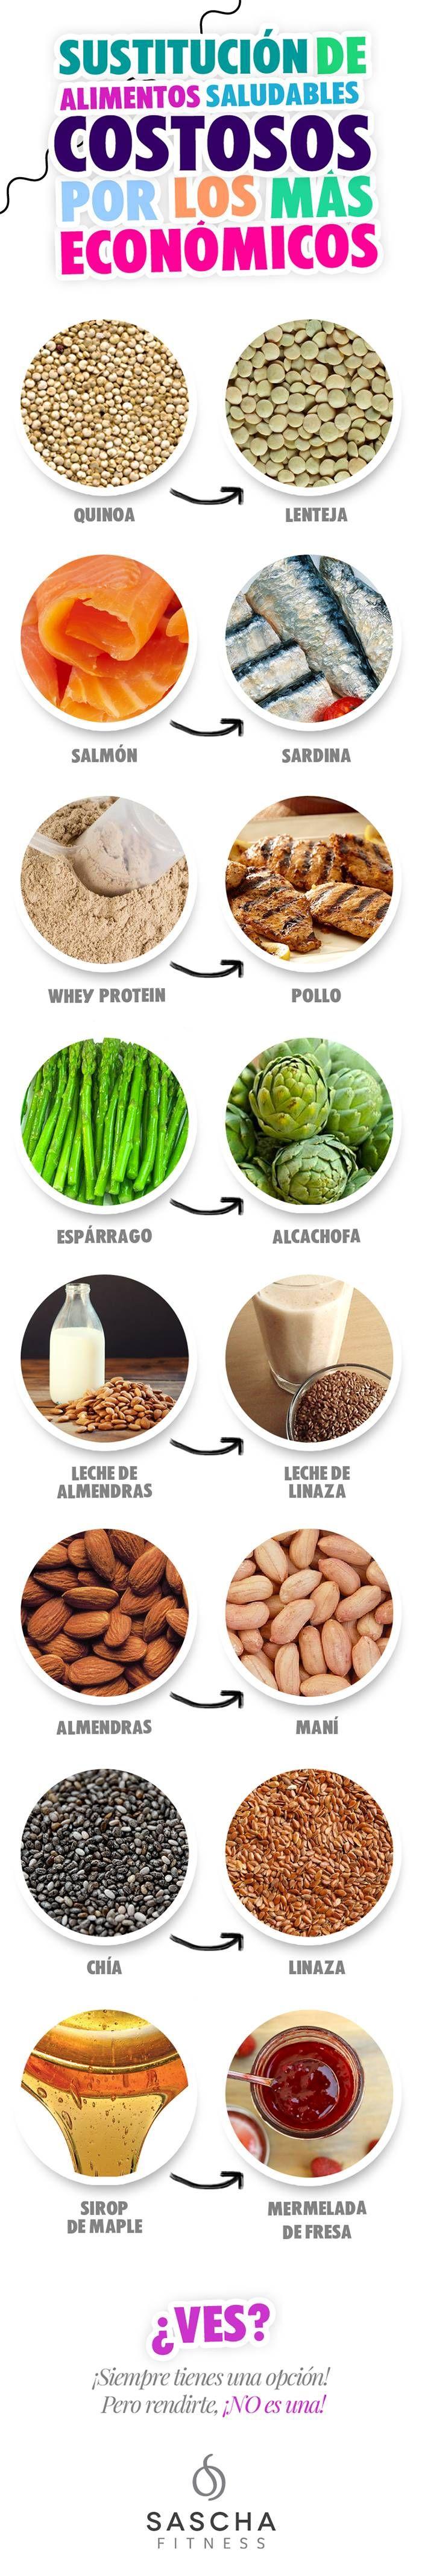 Interesantes sustitutivos para abaratar los costos de una alimentación saludable. #nutricion #infografias #salud